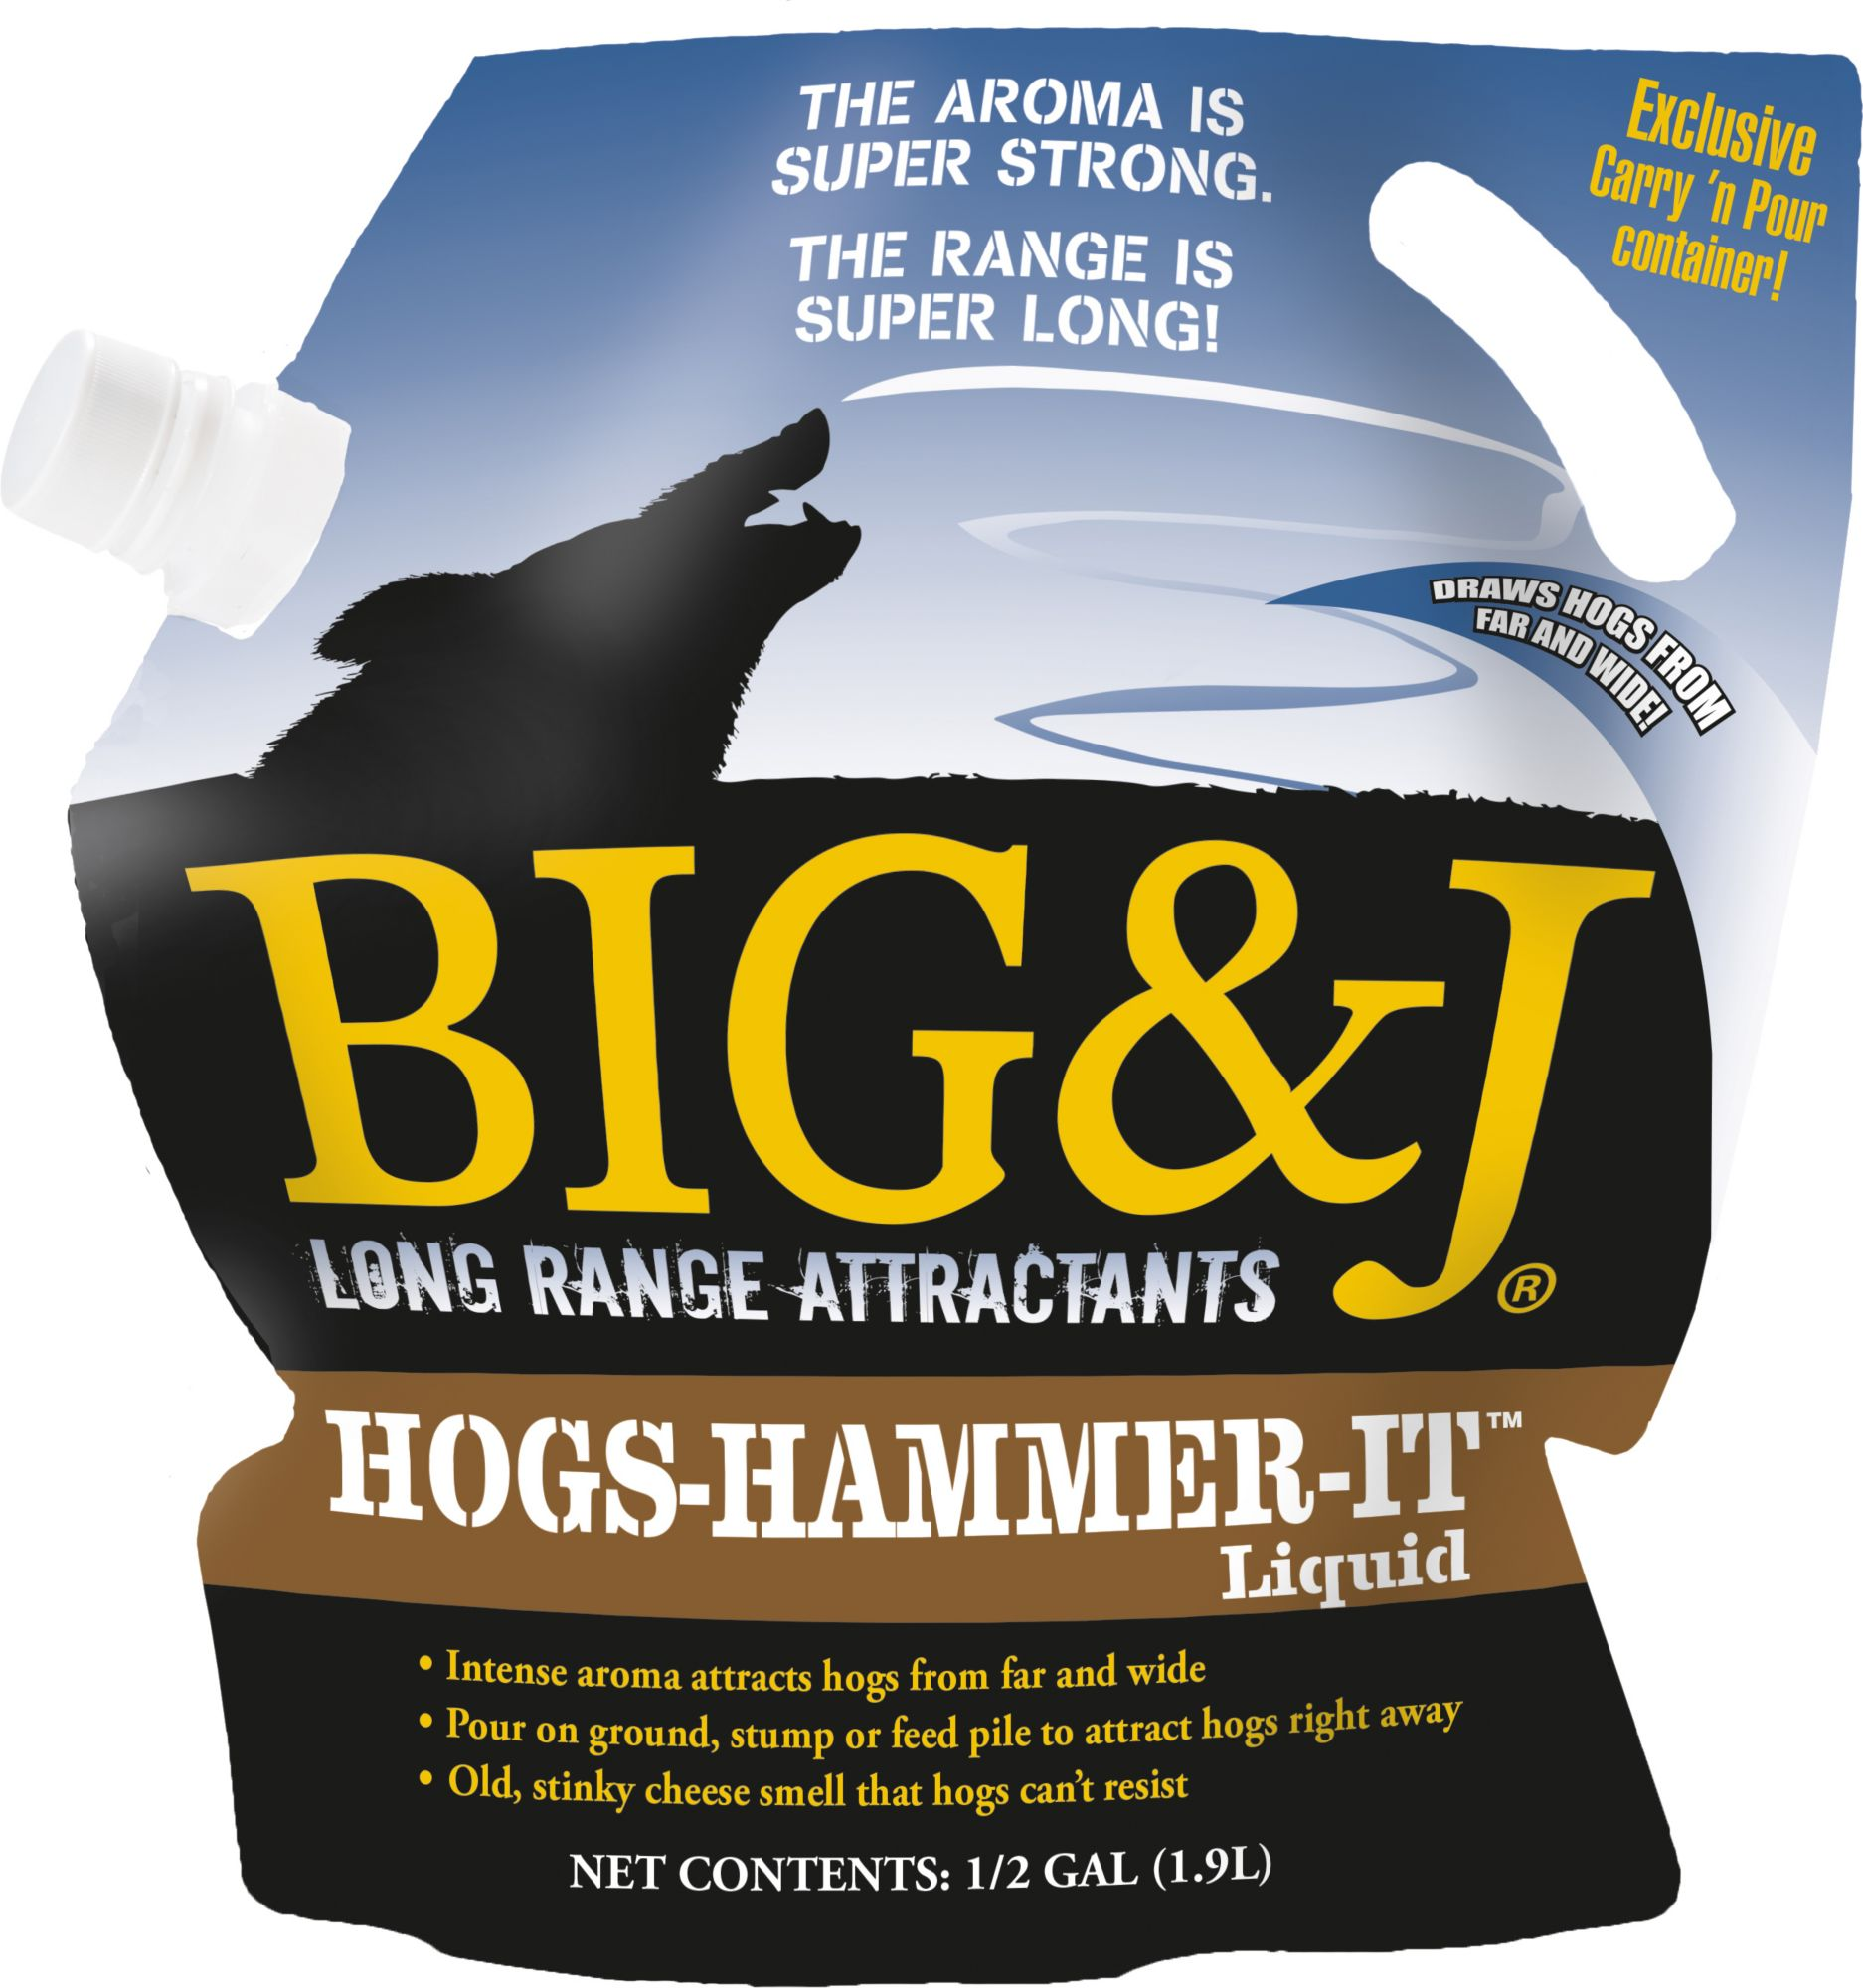 Big & J Hogs-Hammer-It Liquid Attractant, fire